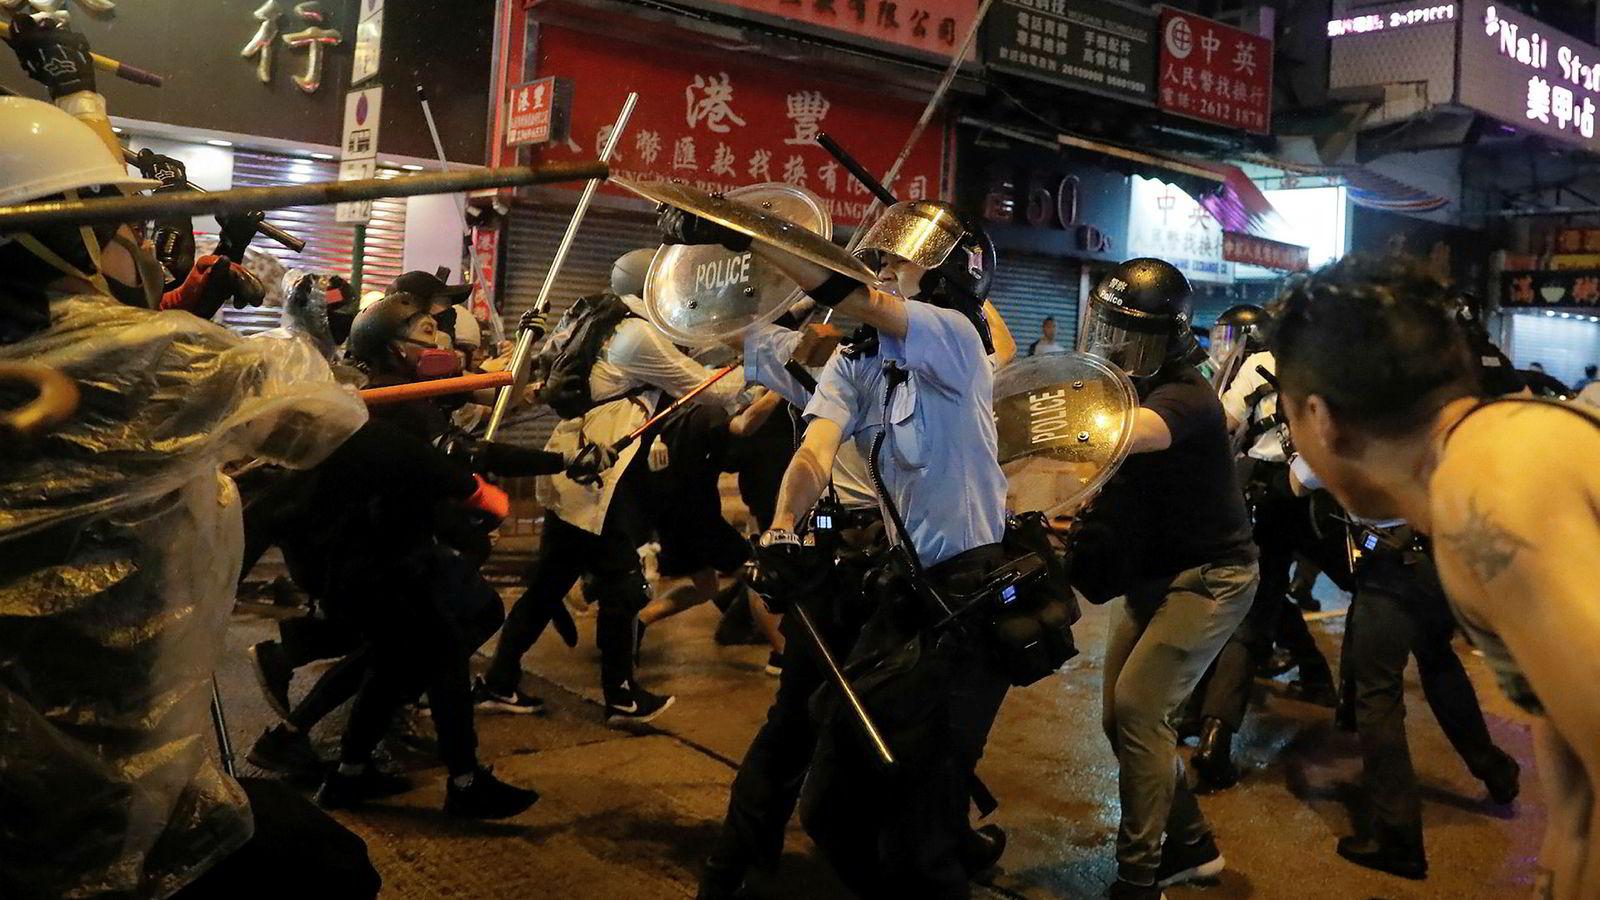 Sammenstøt mellom politi og demonstranter i Hongkong søndag.